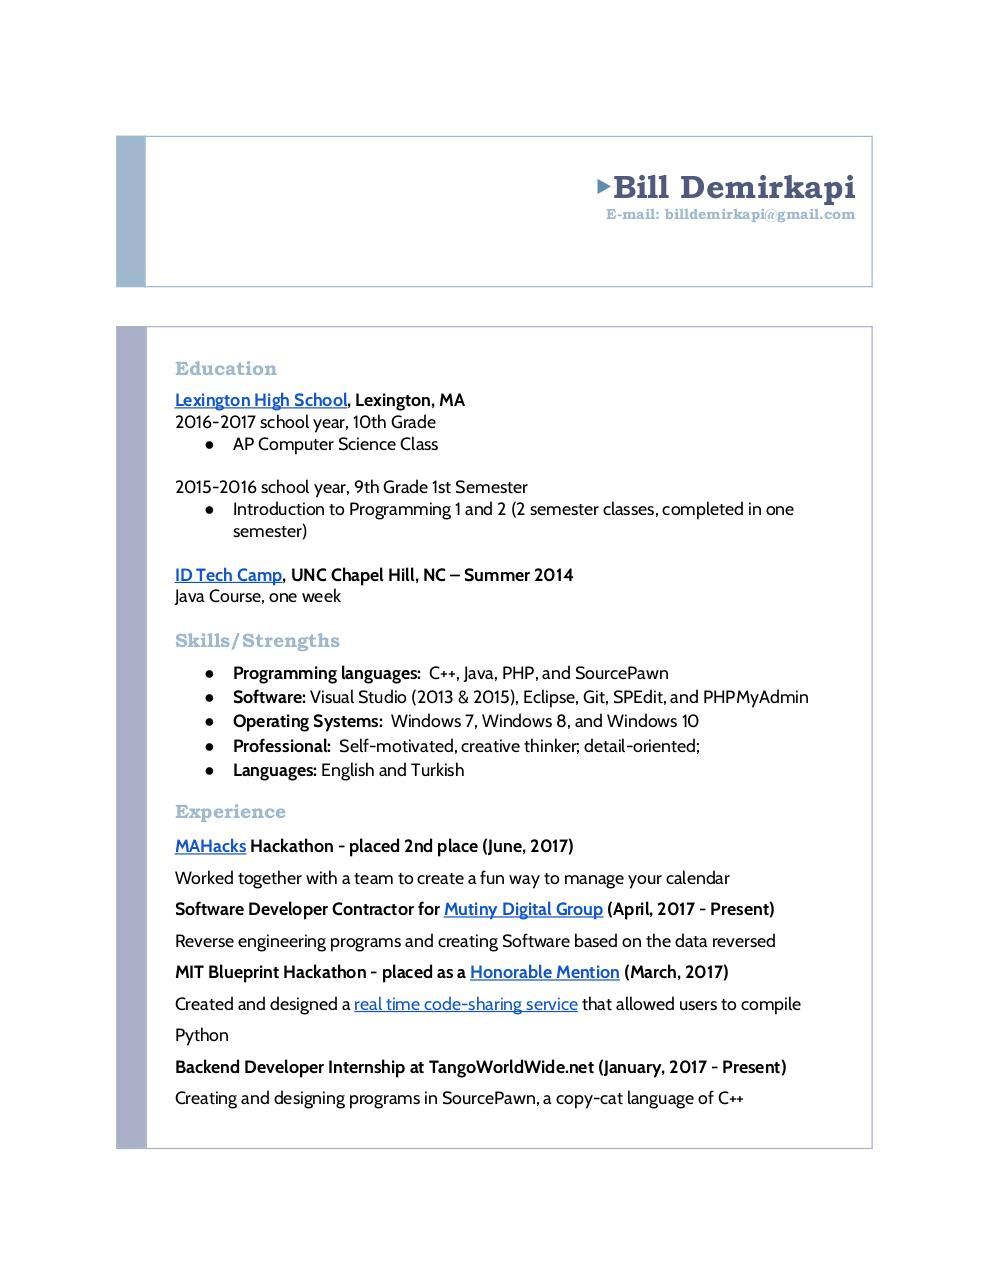 resume as pdf